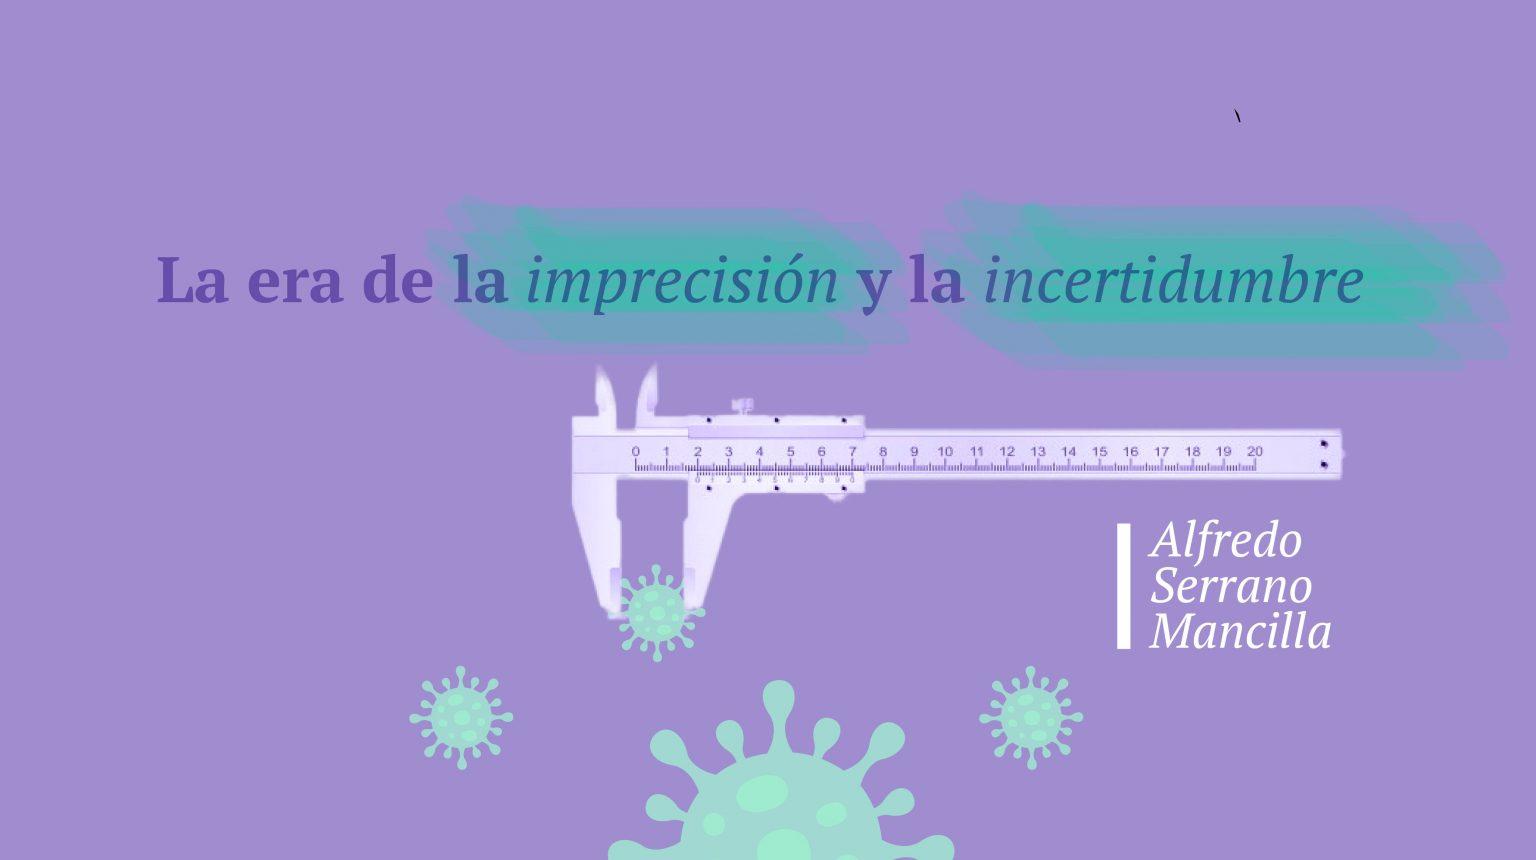 https://www.celag.org/wp-content/uploads/2020/04/la-era-de-la-imprecision_mesa-de-trabajo-1-1536x860.jpg